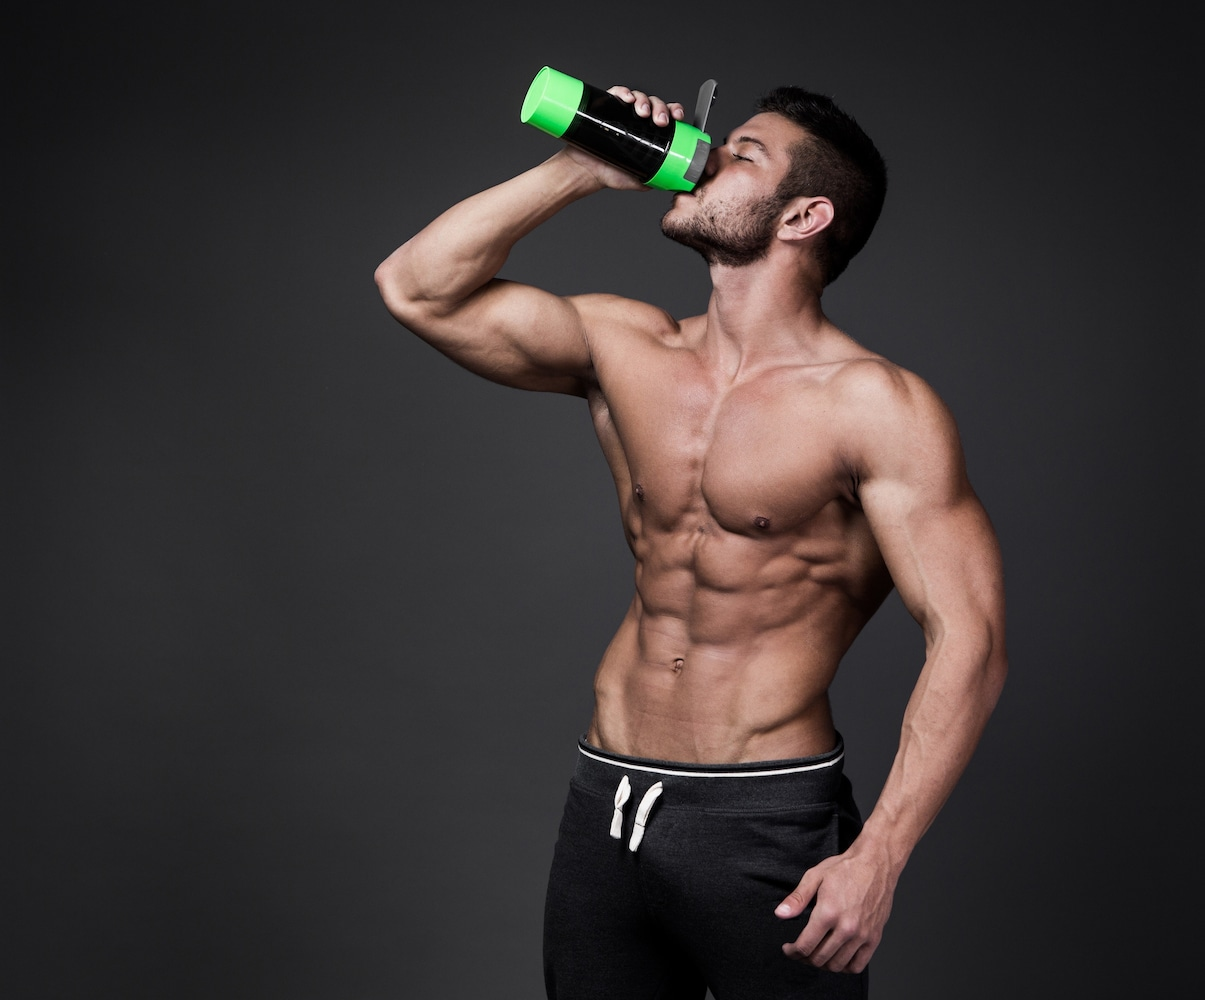 プロテインを飲むマッチョな男性